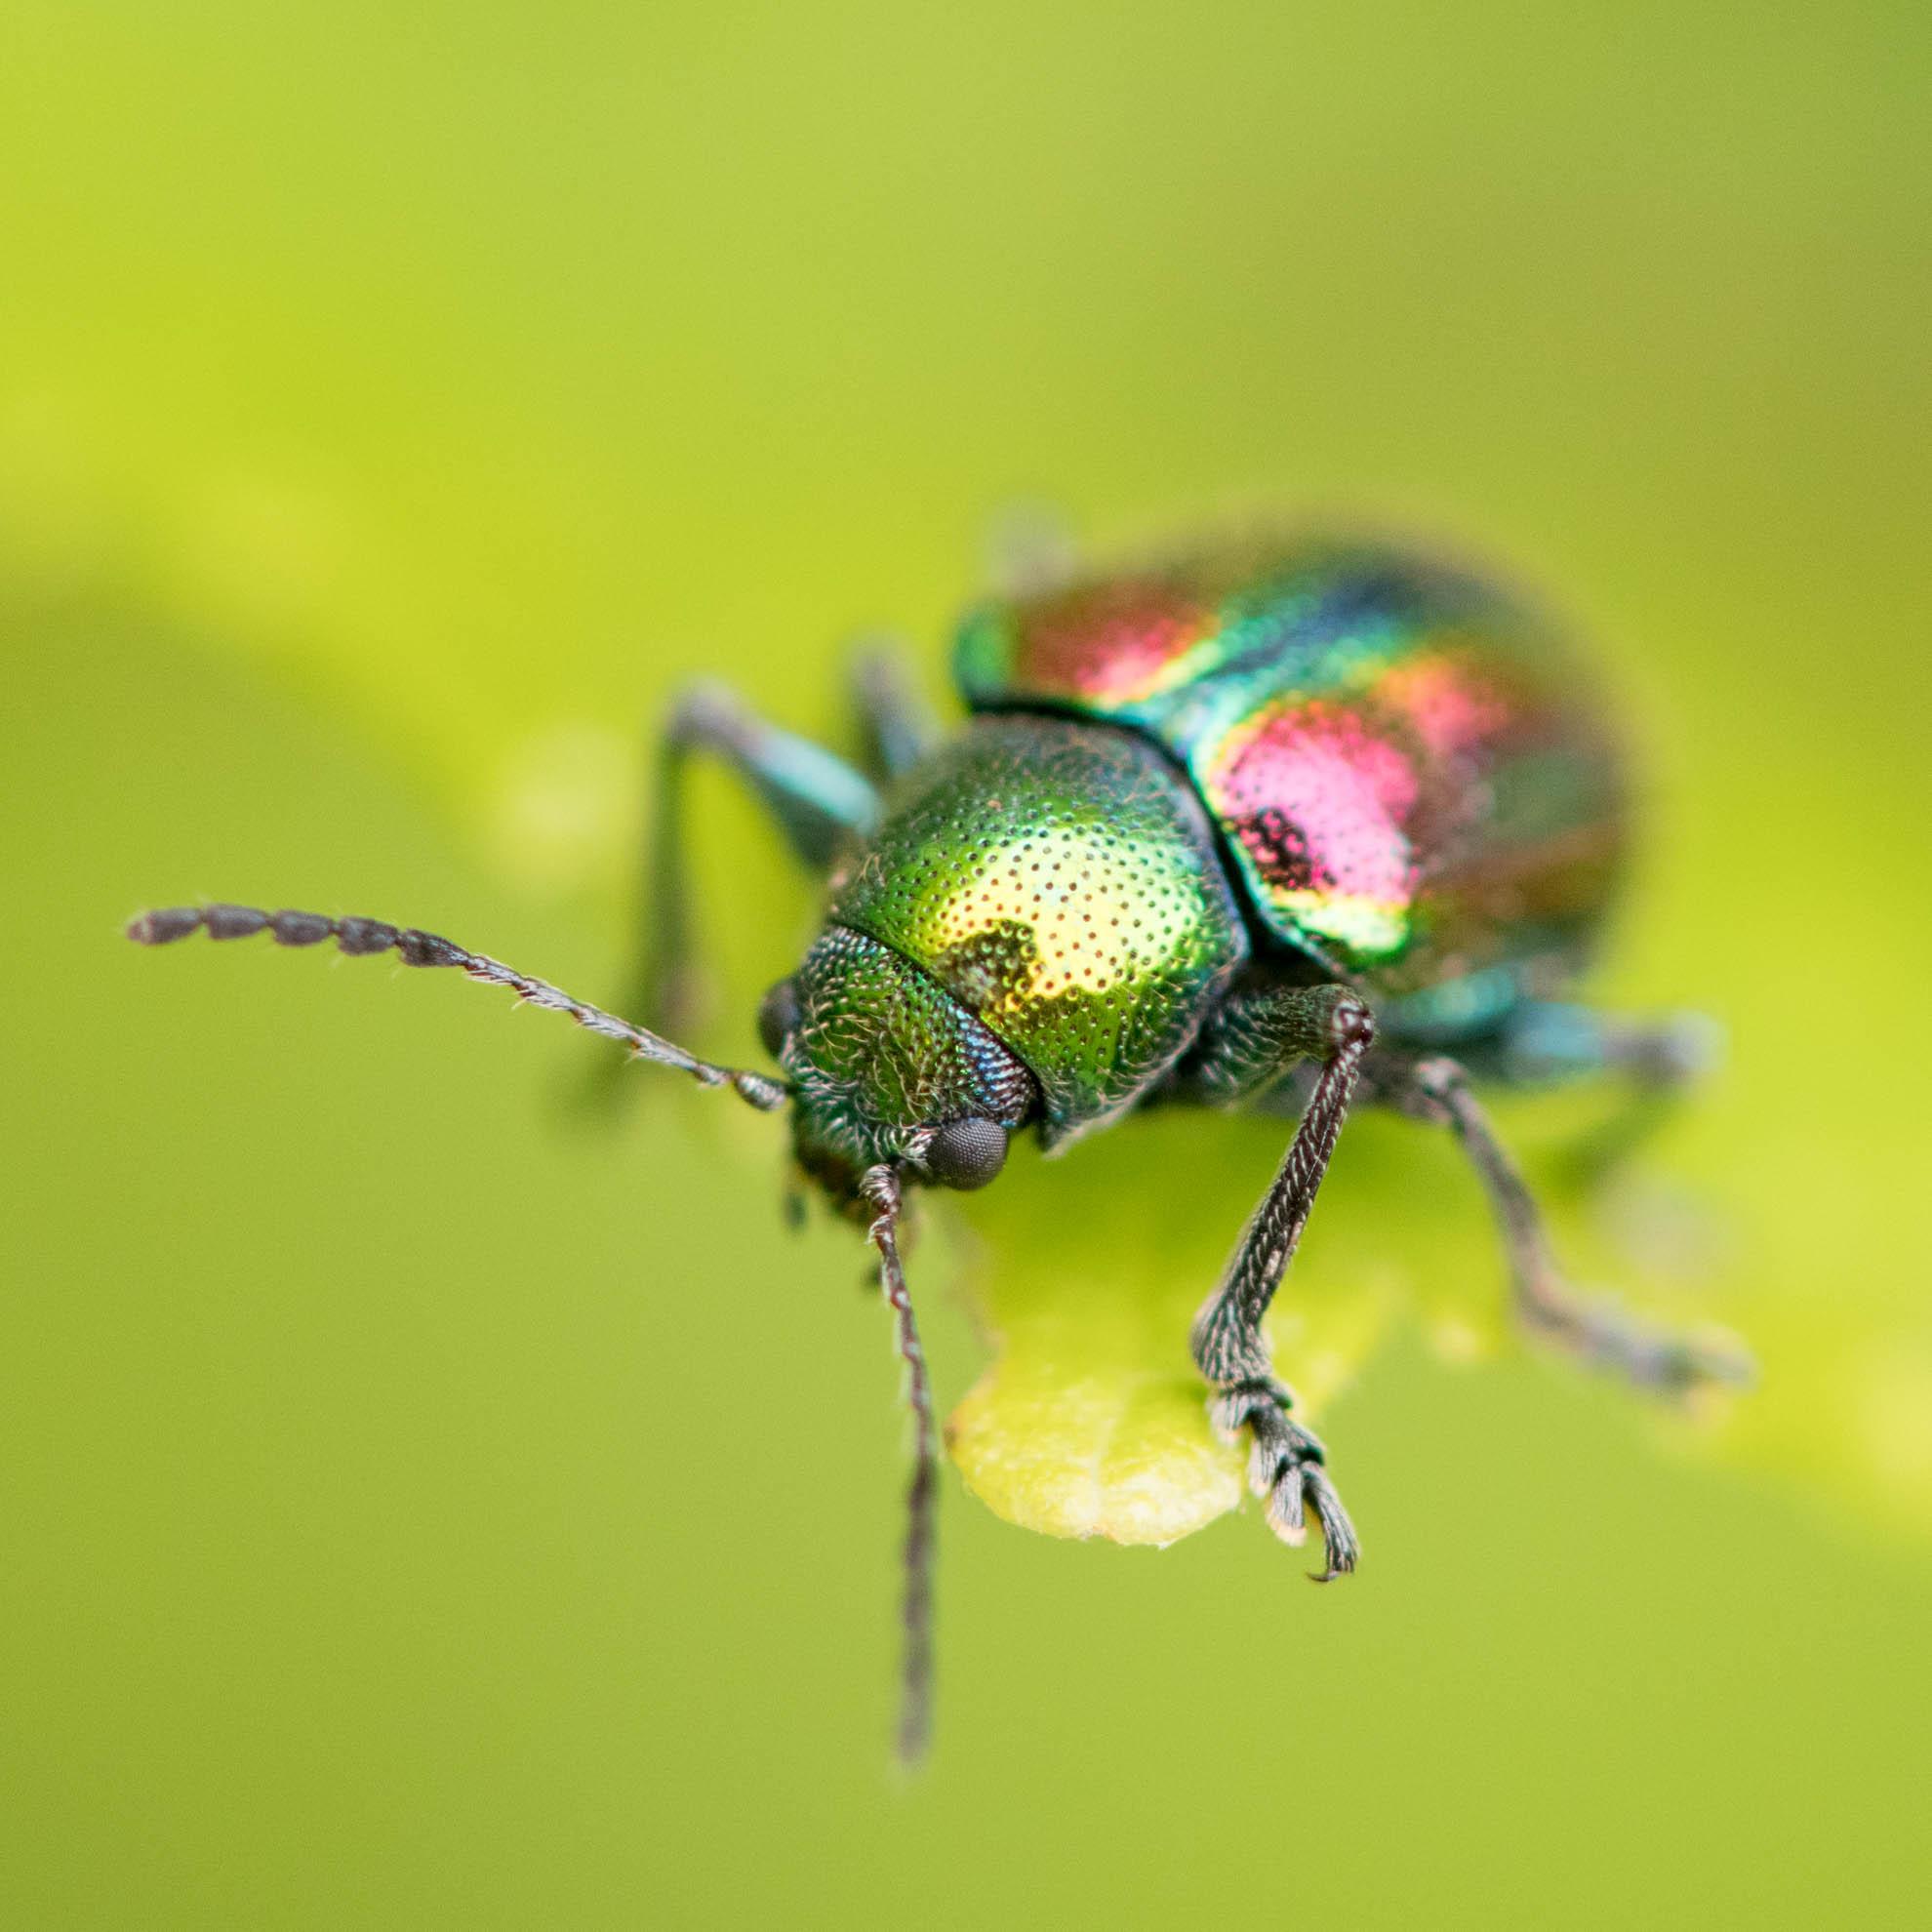 虹色の甲虫のアカガネサルハムシ